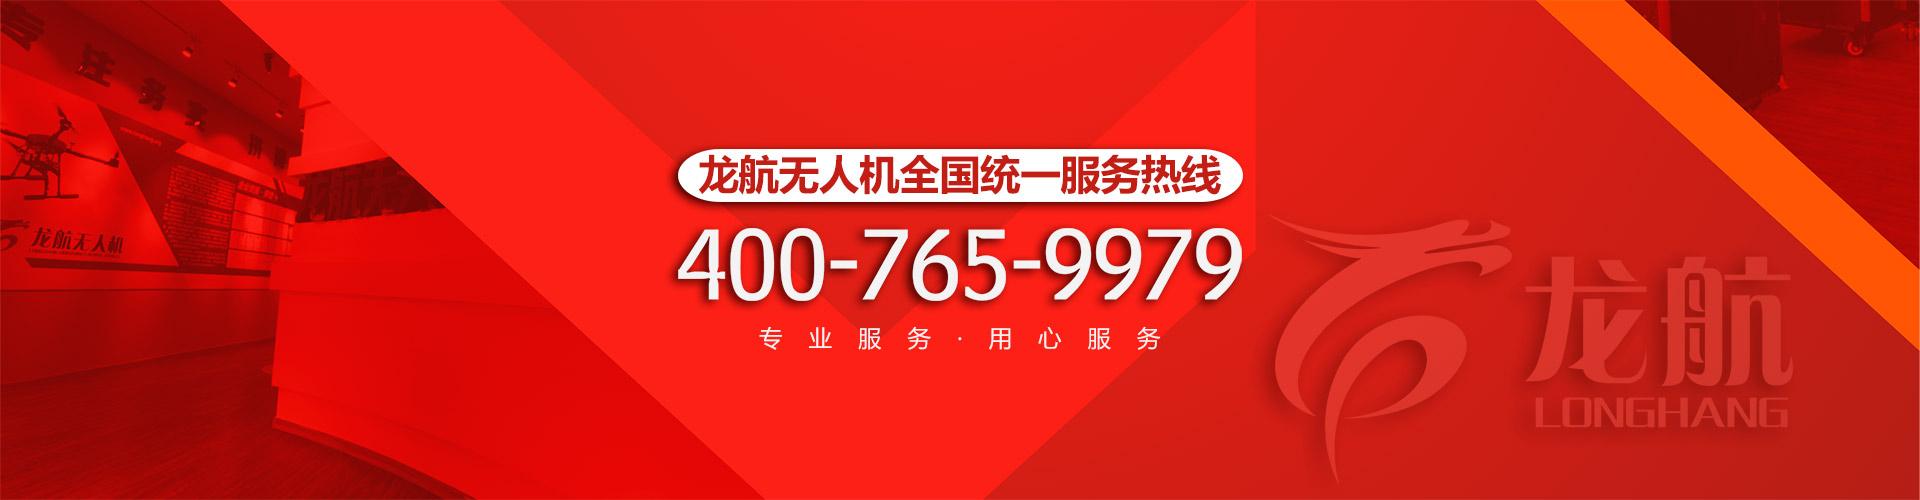 龙航无人机400服务电话